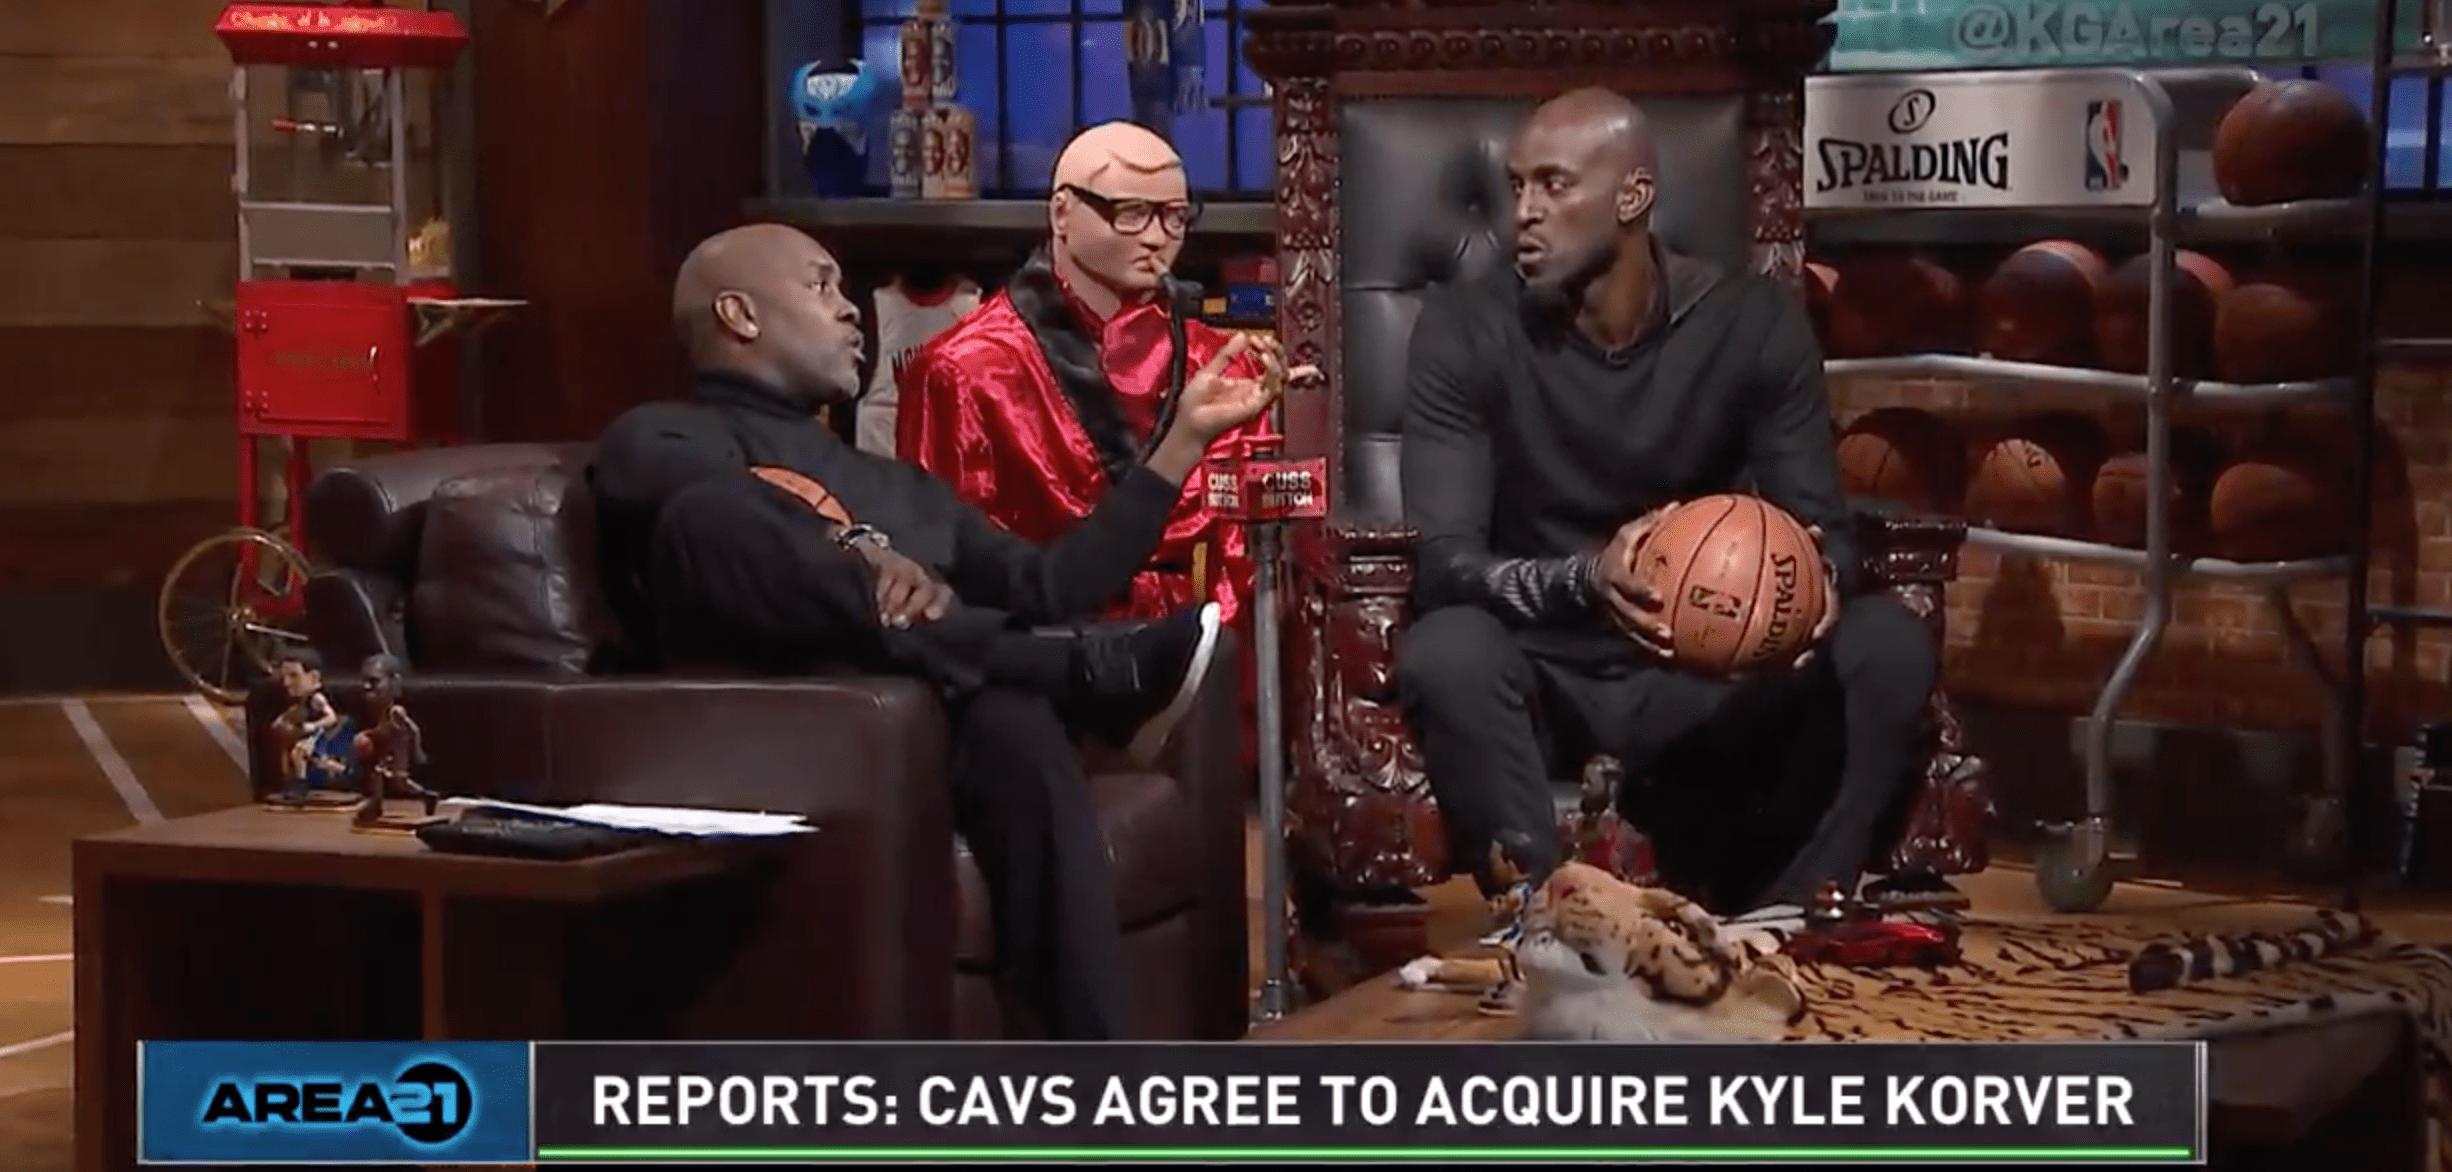 Gary Payton et Kevin Garnett réagissent au transfert Kyle Korver